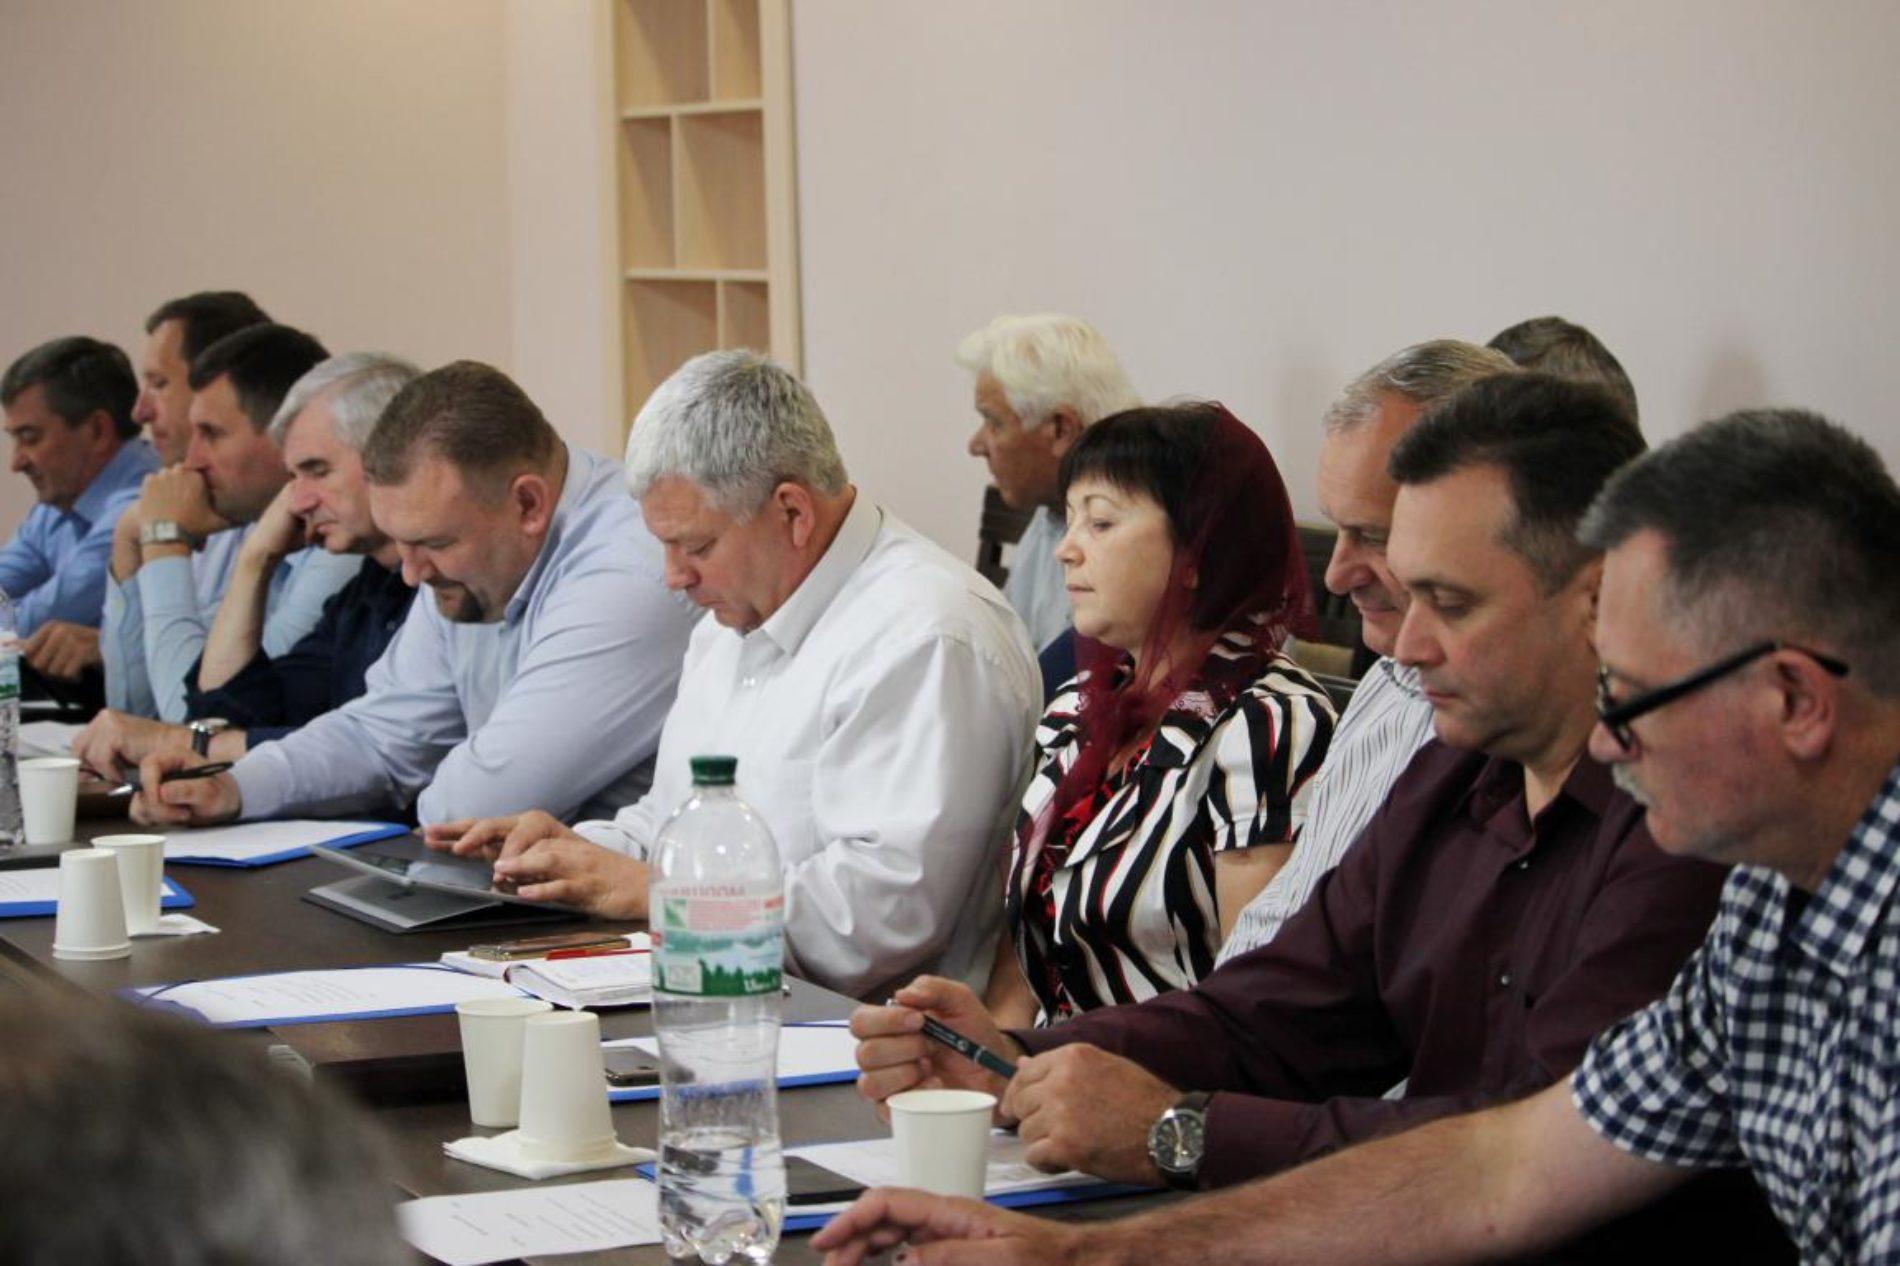 Час активного благовістя – нотатки засідання Комітету УЦХВЄ